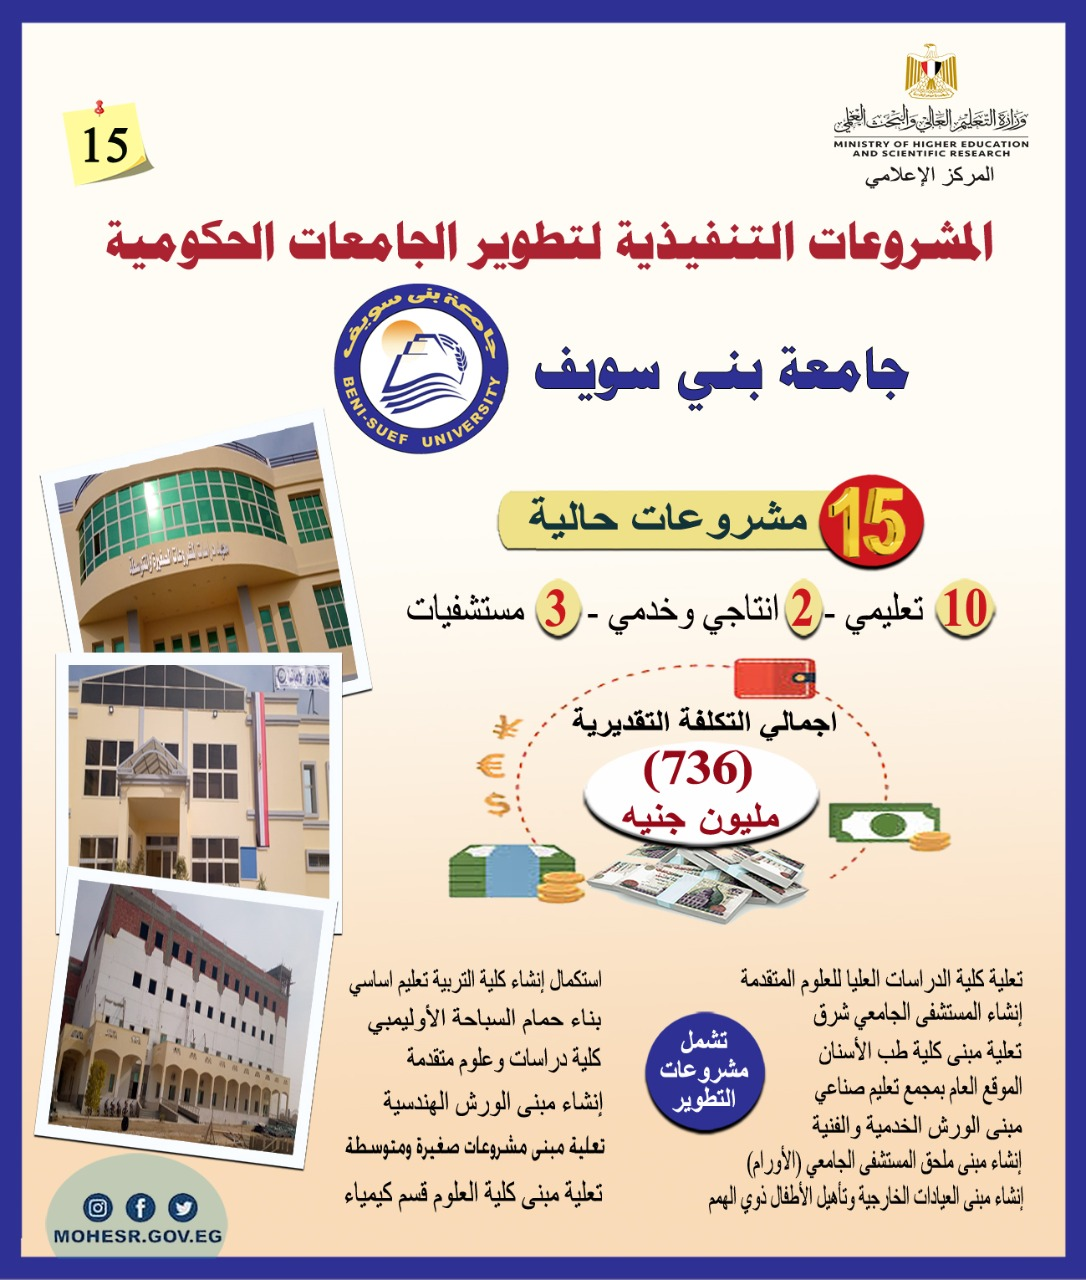 التعليم العالي: مشروعات جامعة بني سويف بتكلفة 736 مليون جنيه